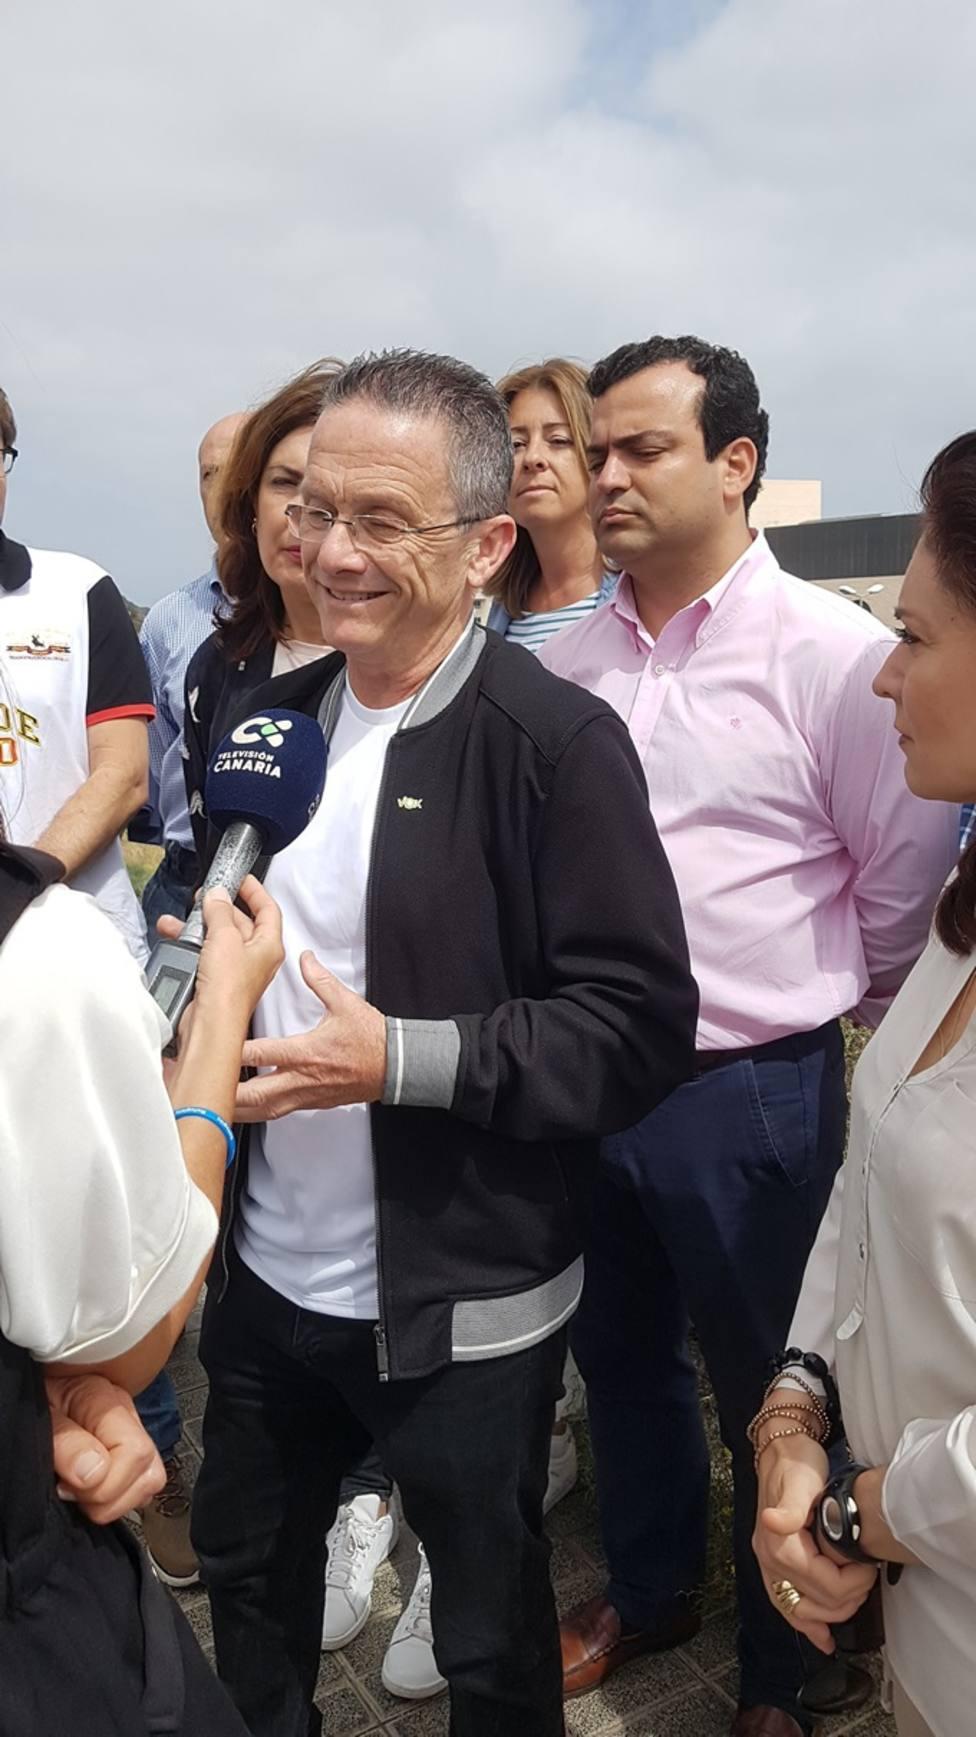 Vox propone cambiar el nombre del hospital canario Doctor Negrín por Hospital Amancio Ortega